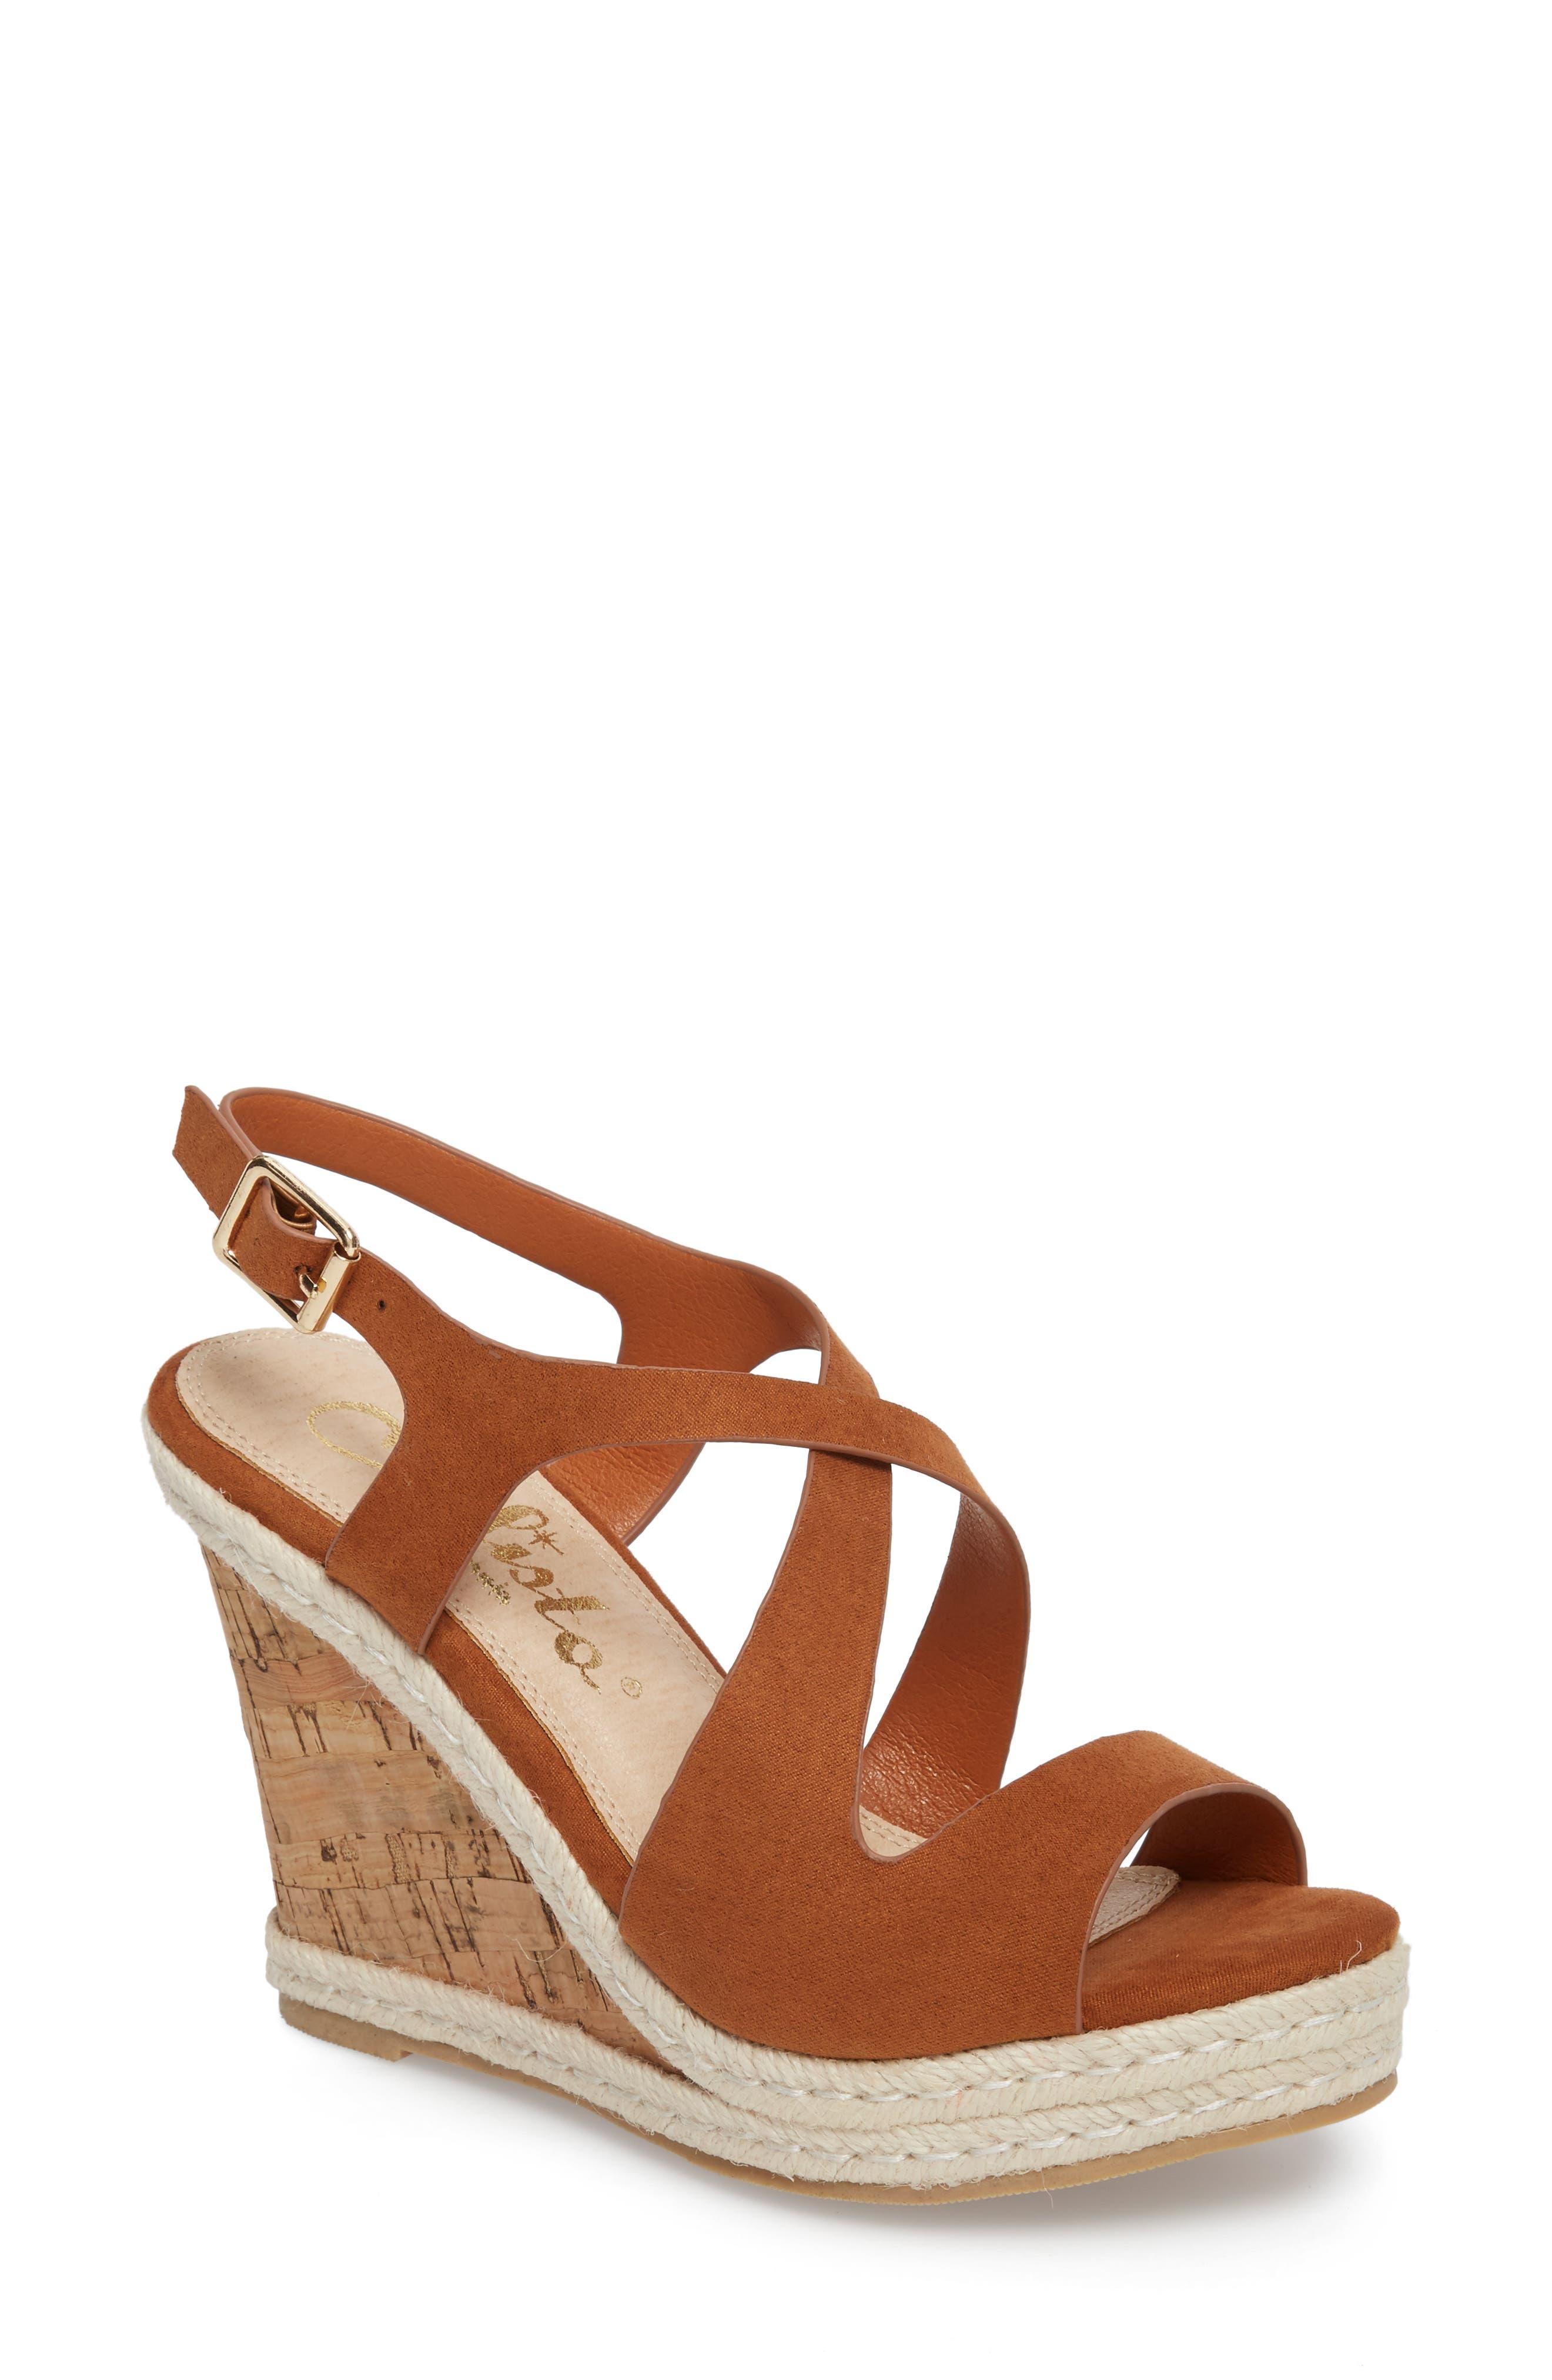 Brielle Wedge Sandal,                         Main,                         color, TAN SUEDE